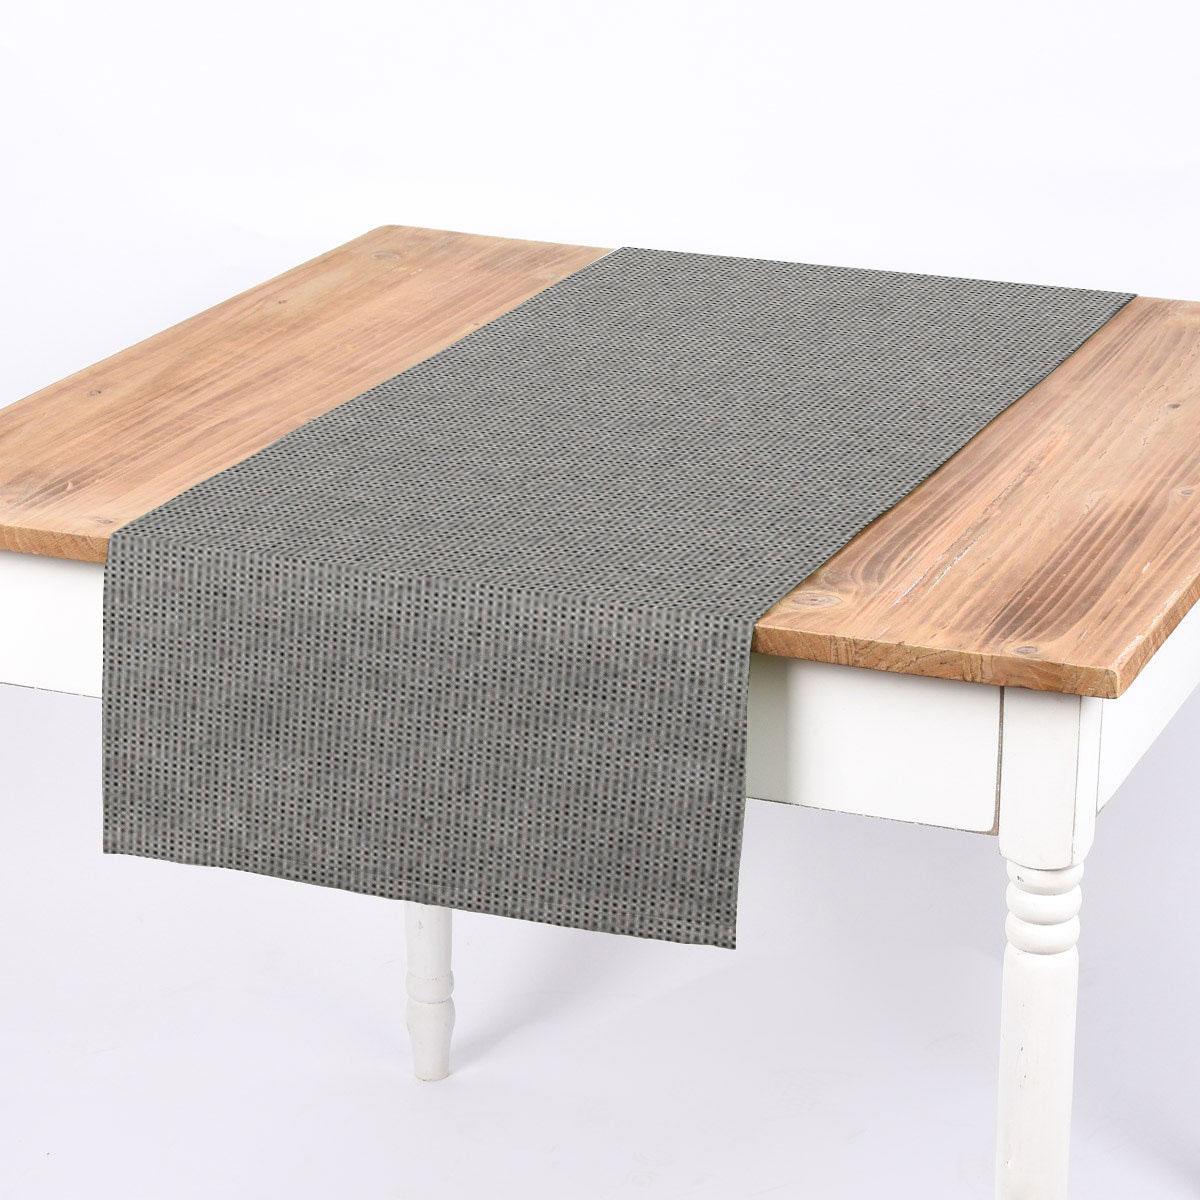 SCHÖNER LEBEN. Tischläufer Square Würfelstruktur uni schwarz grau 40x160cm